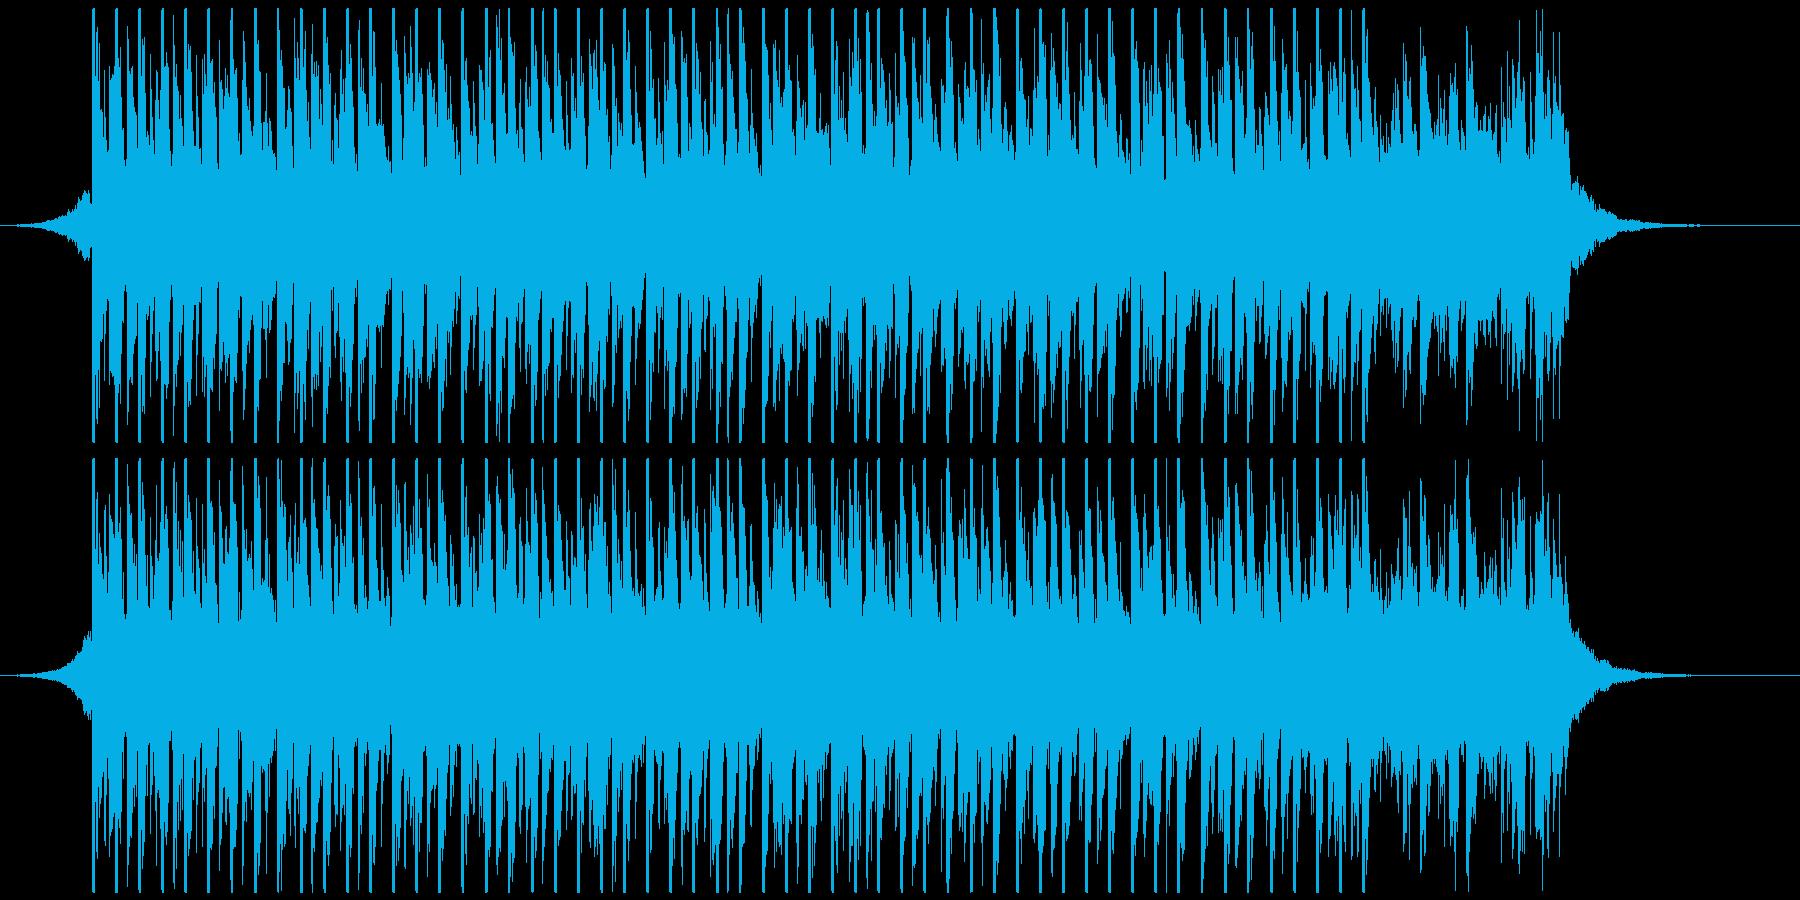 ポップパーティー(35秒)の再生済みの波形